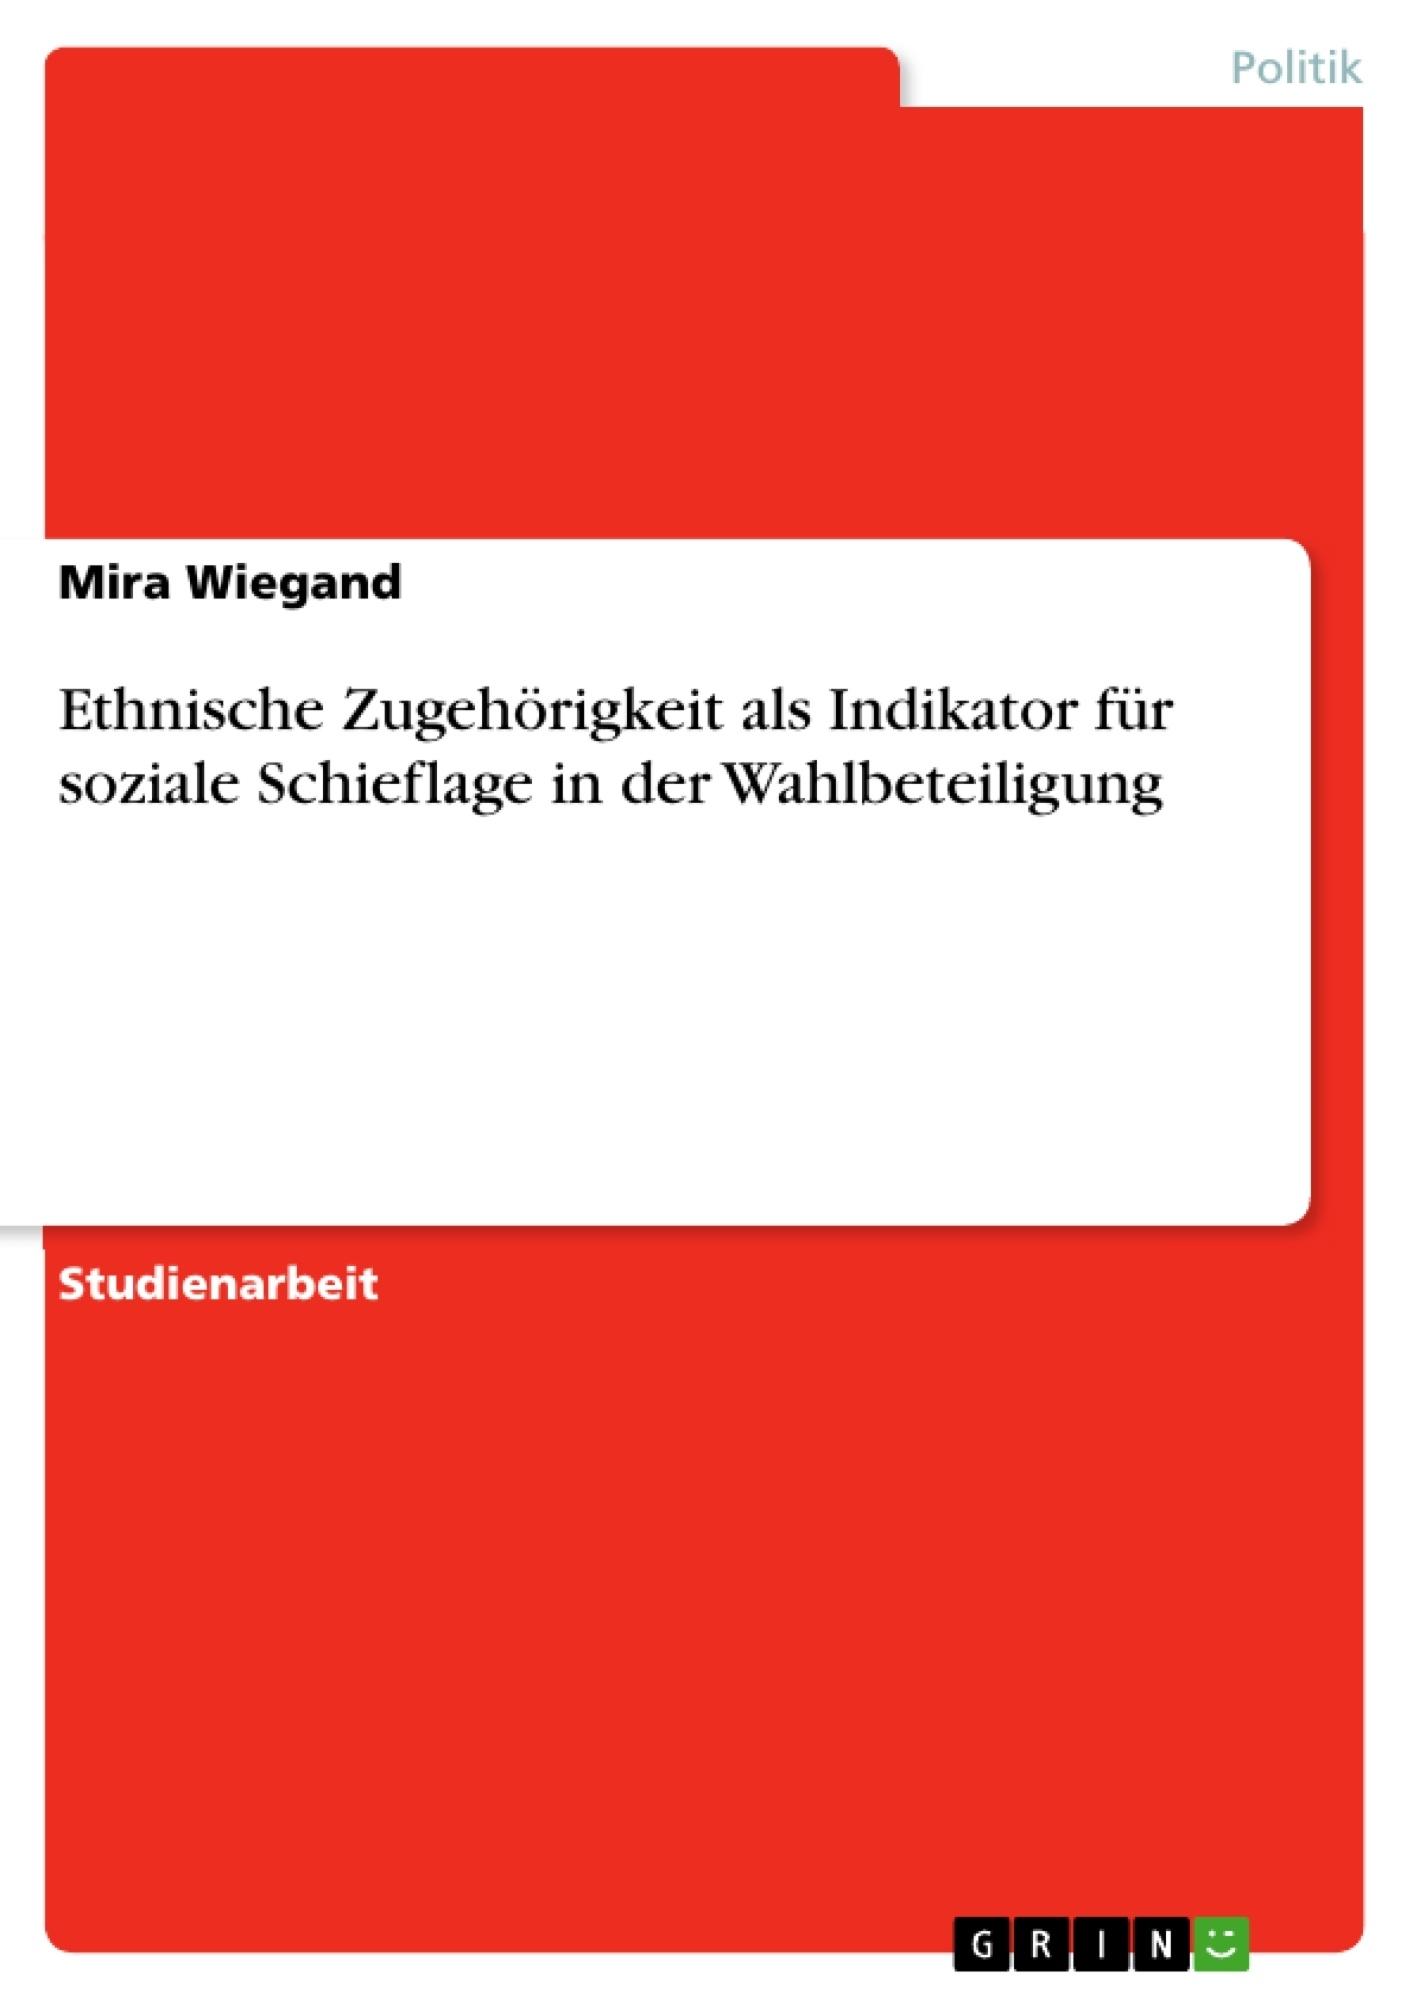 Titel: Ethnische Zugehörigkeit als Indikator für soziale Schieflage in der Wahlbeteiligung